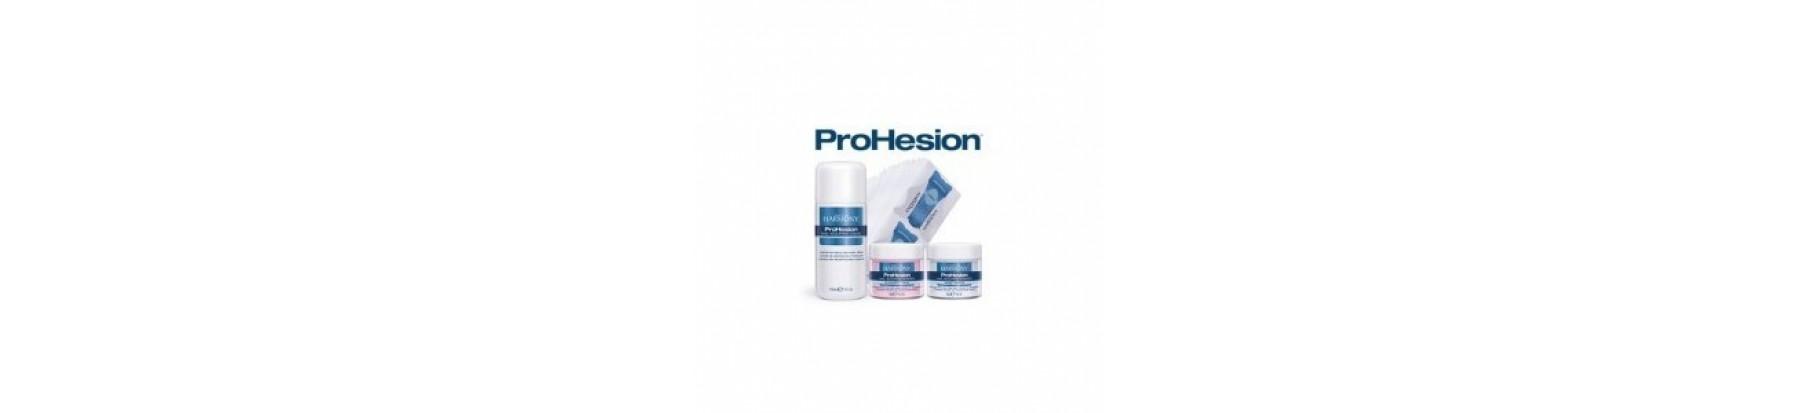 Акрилы ProHesion